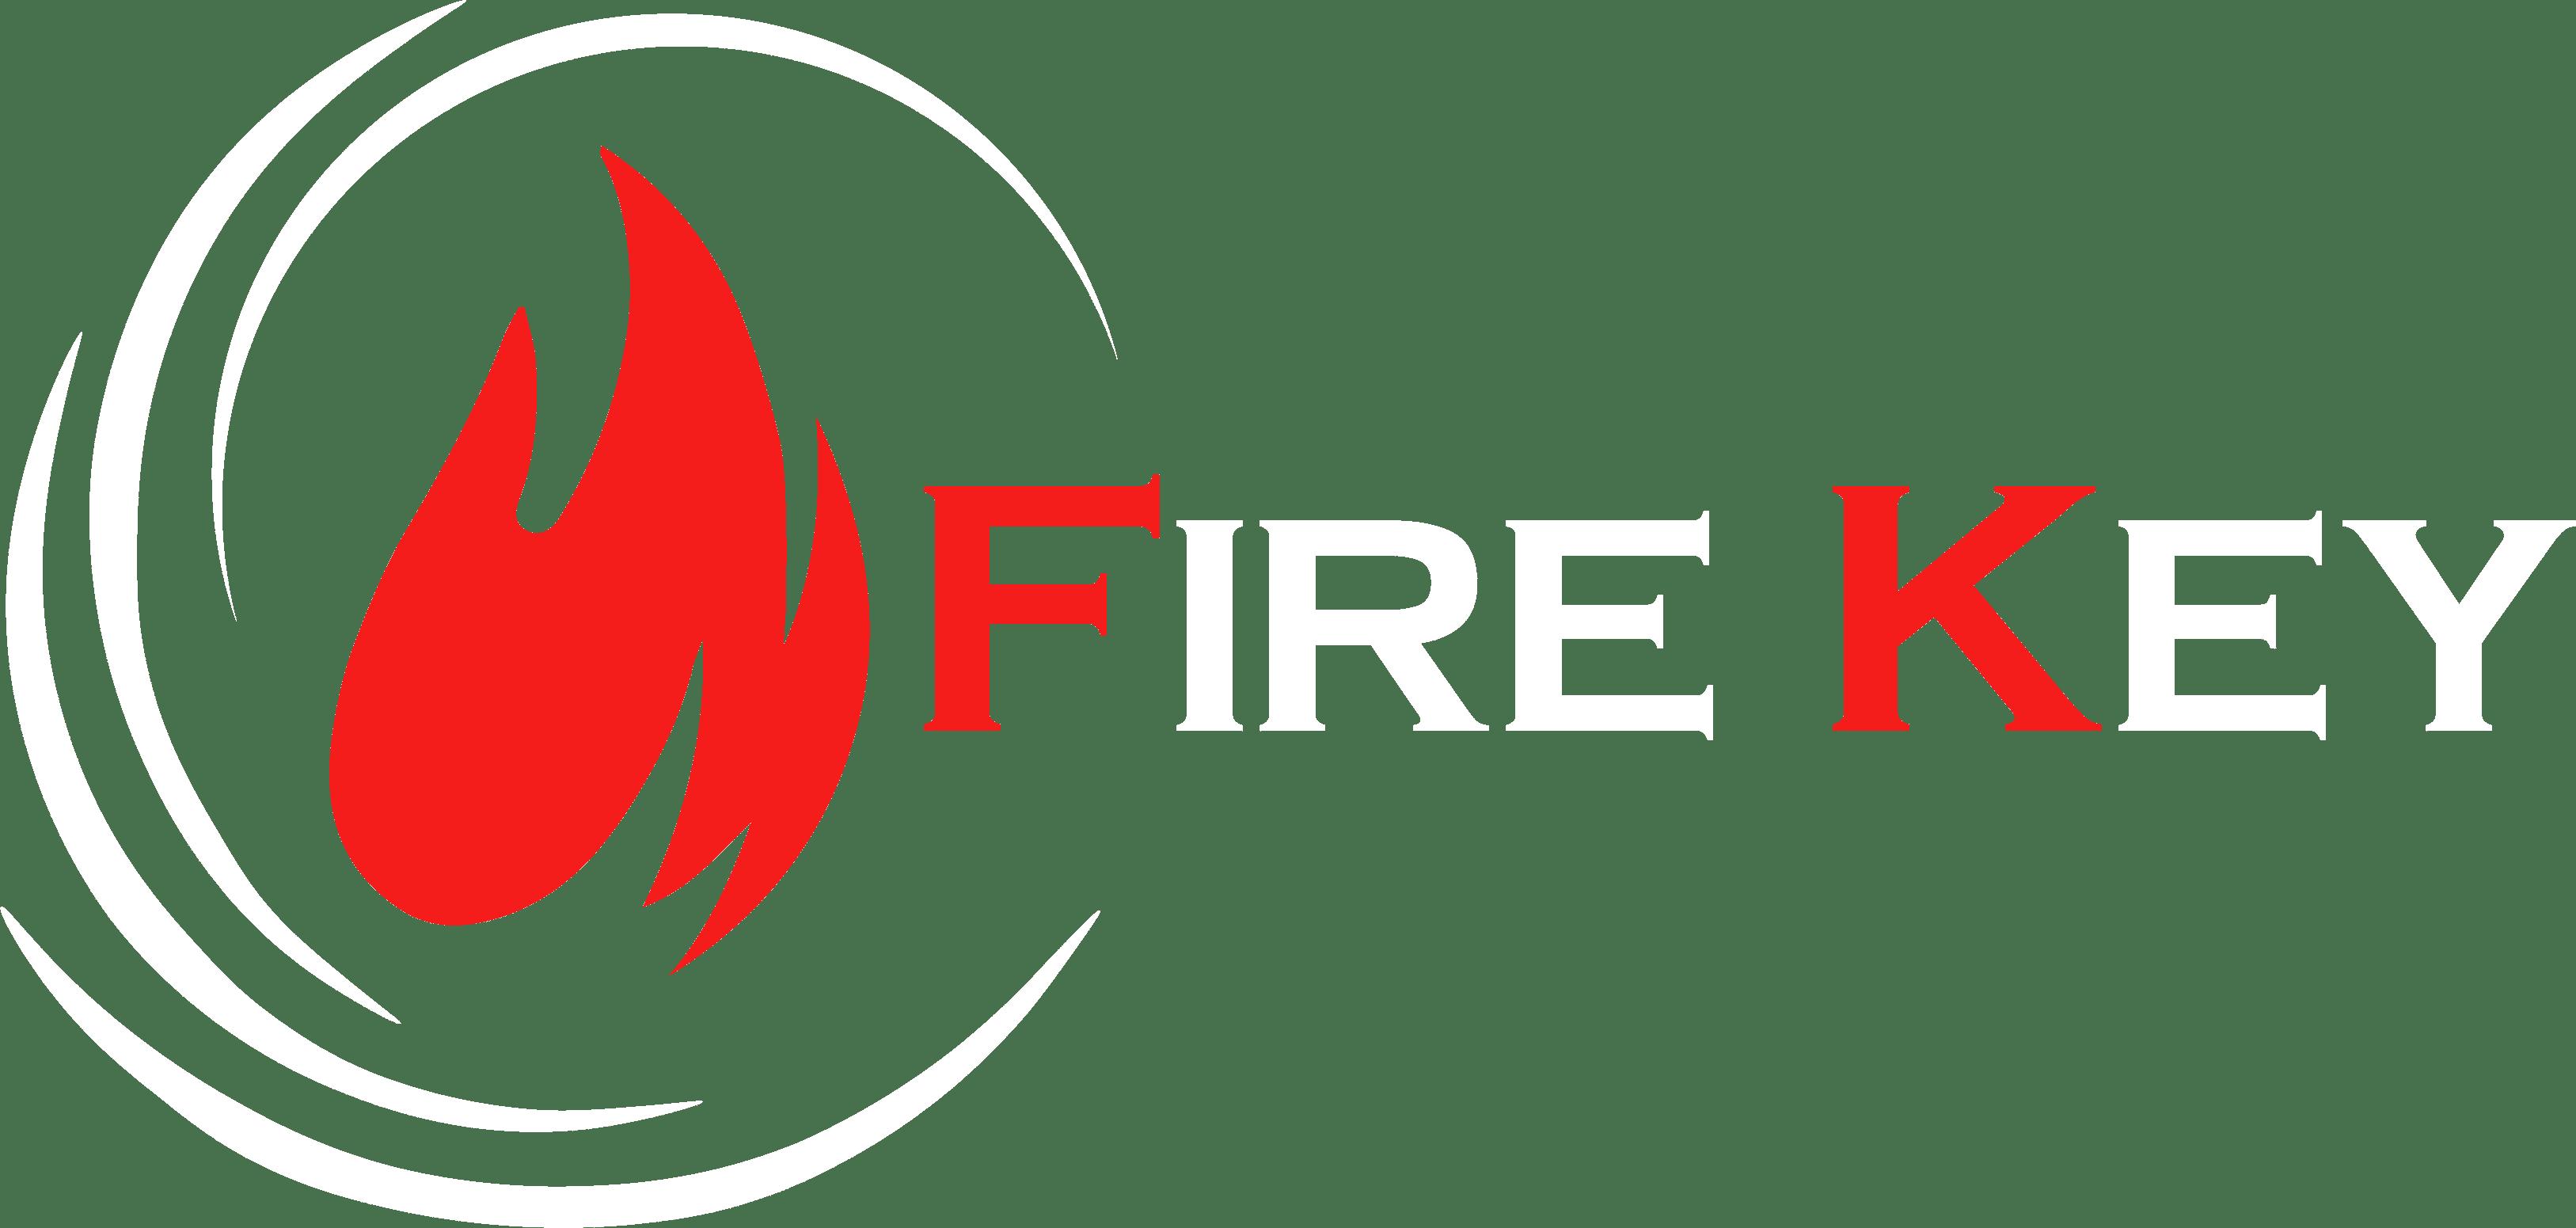 Fire Key Maroc